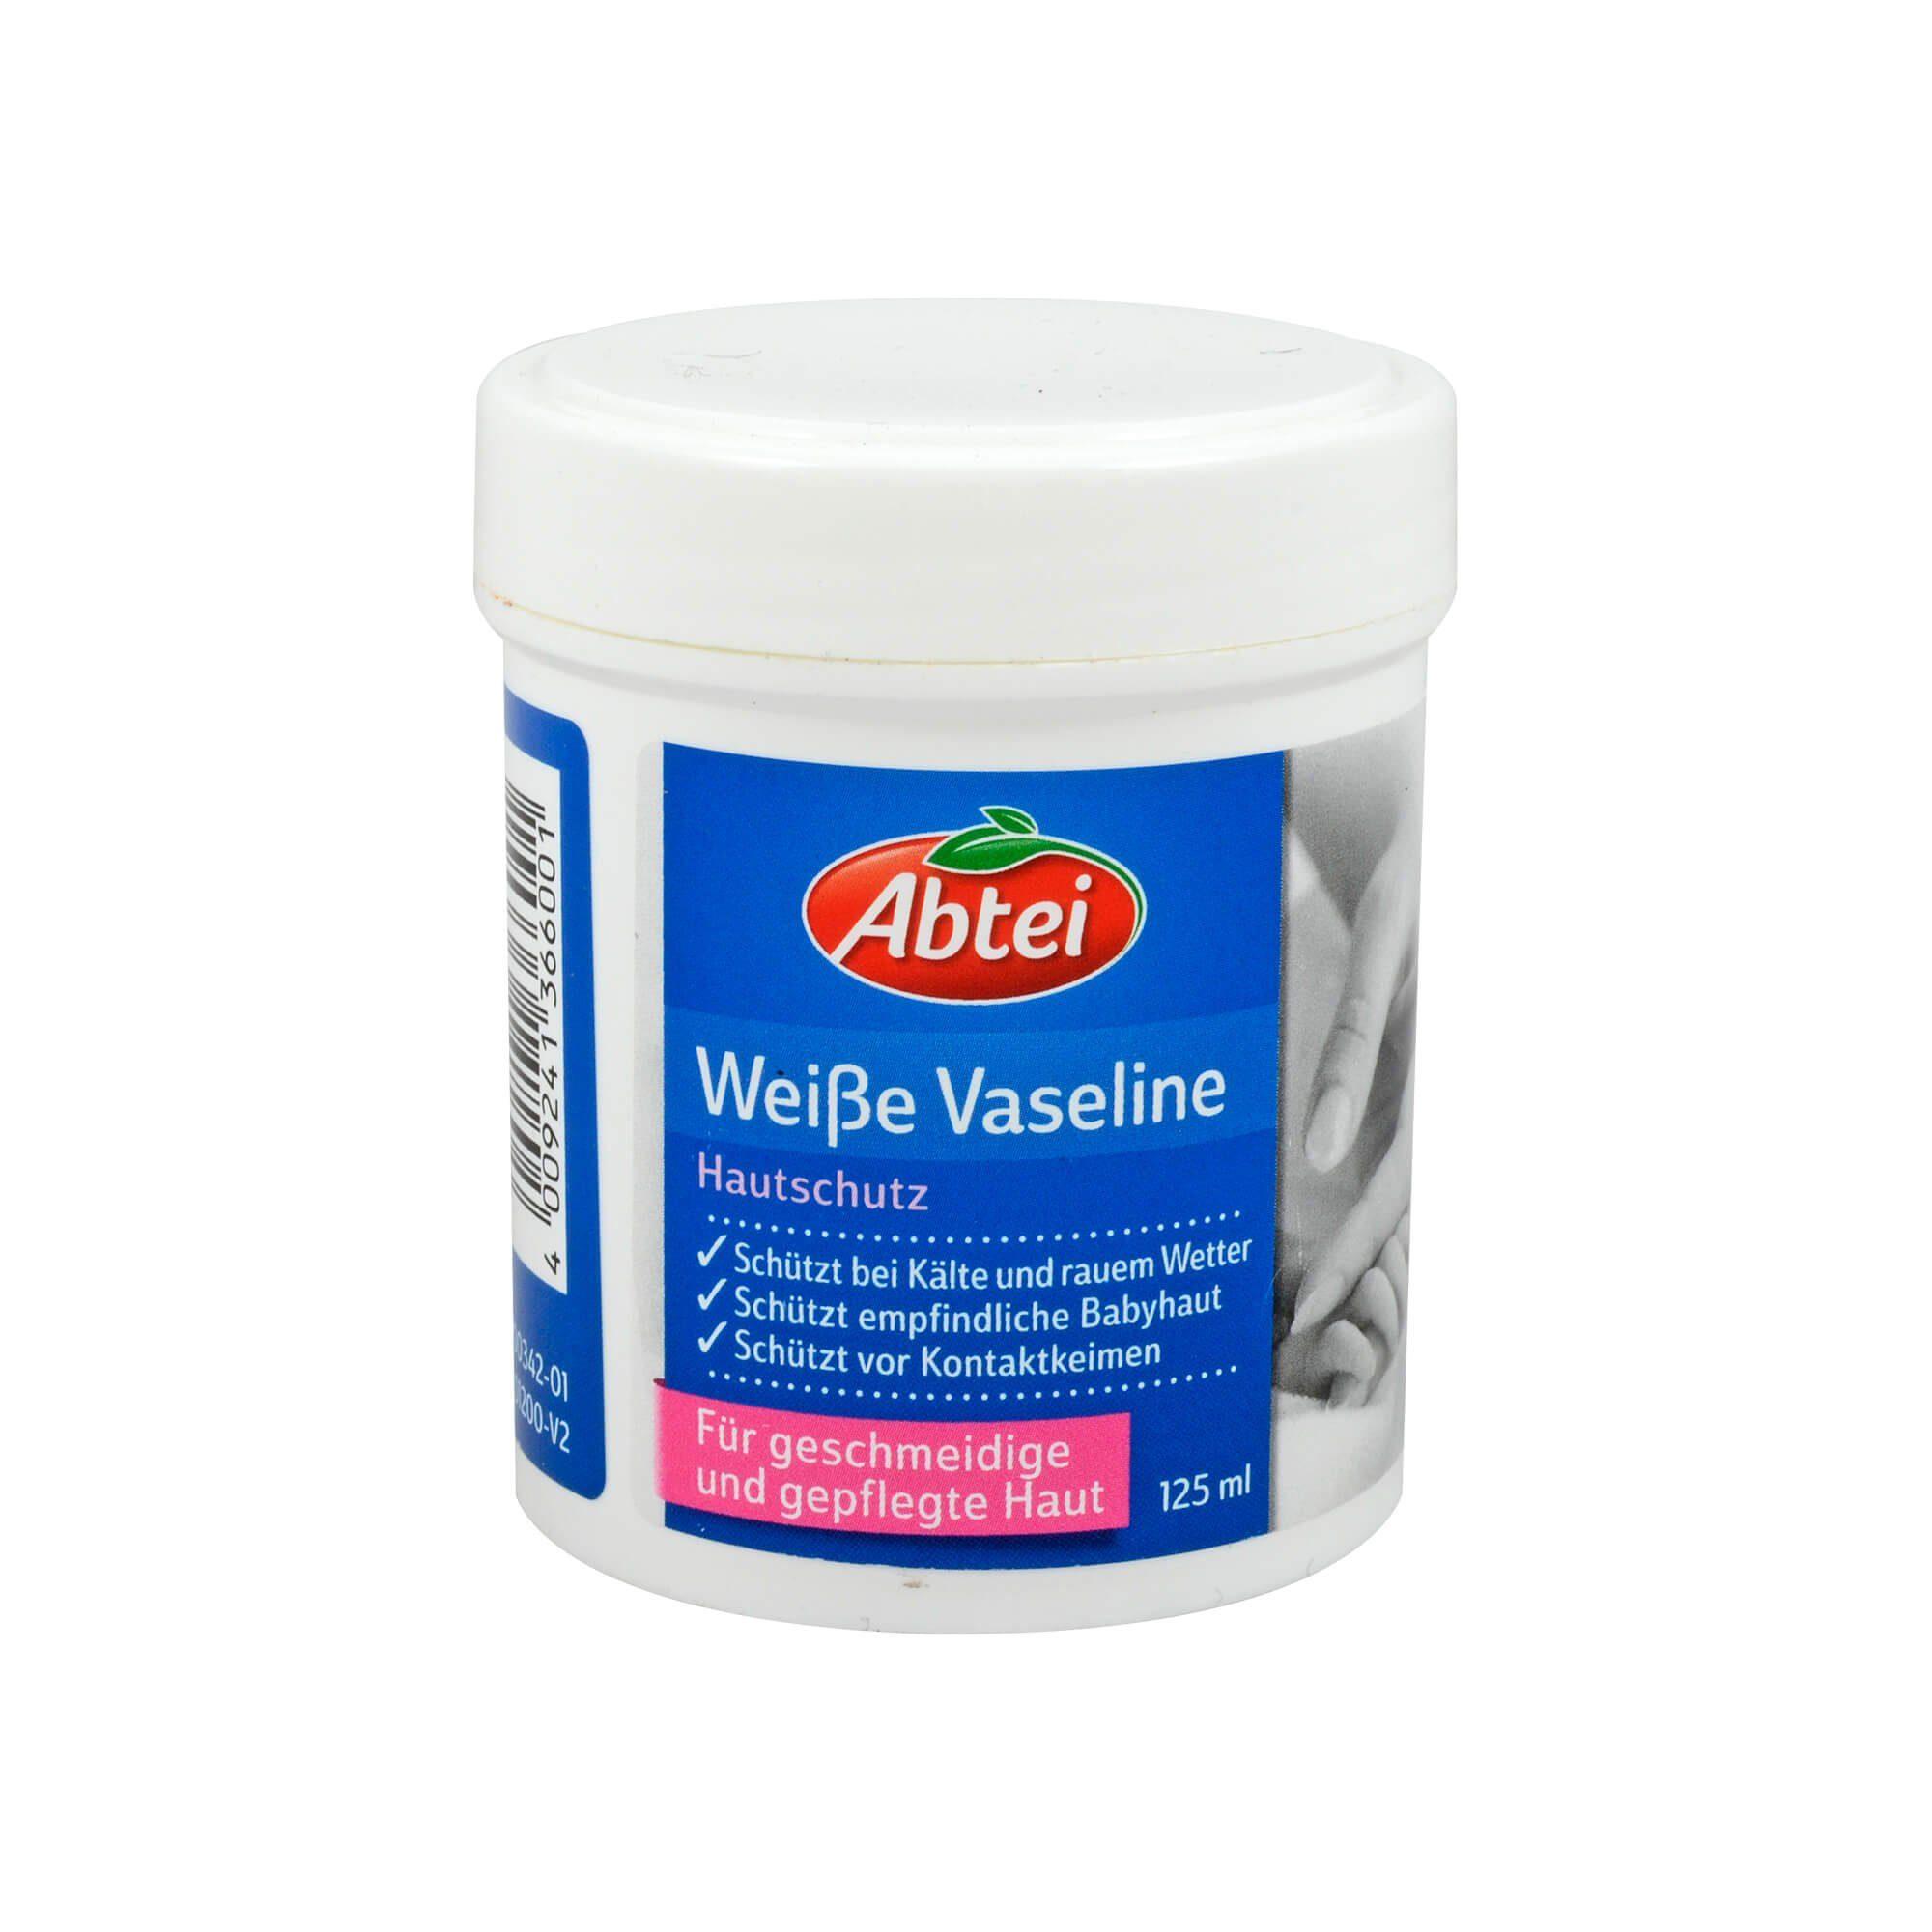 Abtei Weiße Vaseline , 125 ml